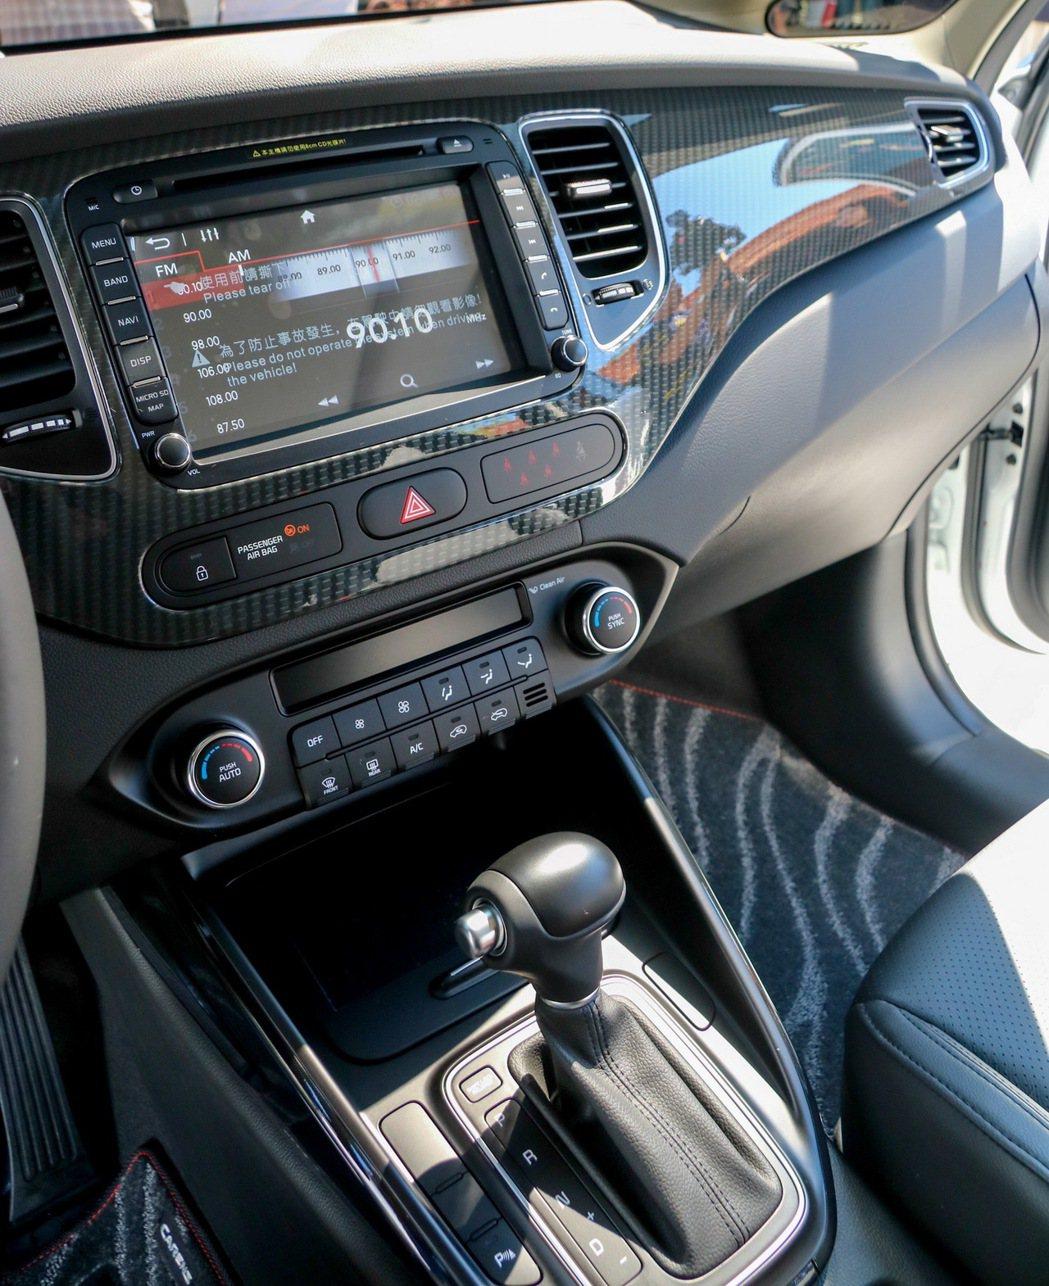 KIA Carens全車系標配具衛星導航功能的多媒體觸控影音系統。 記者史榮恩/攝影